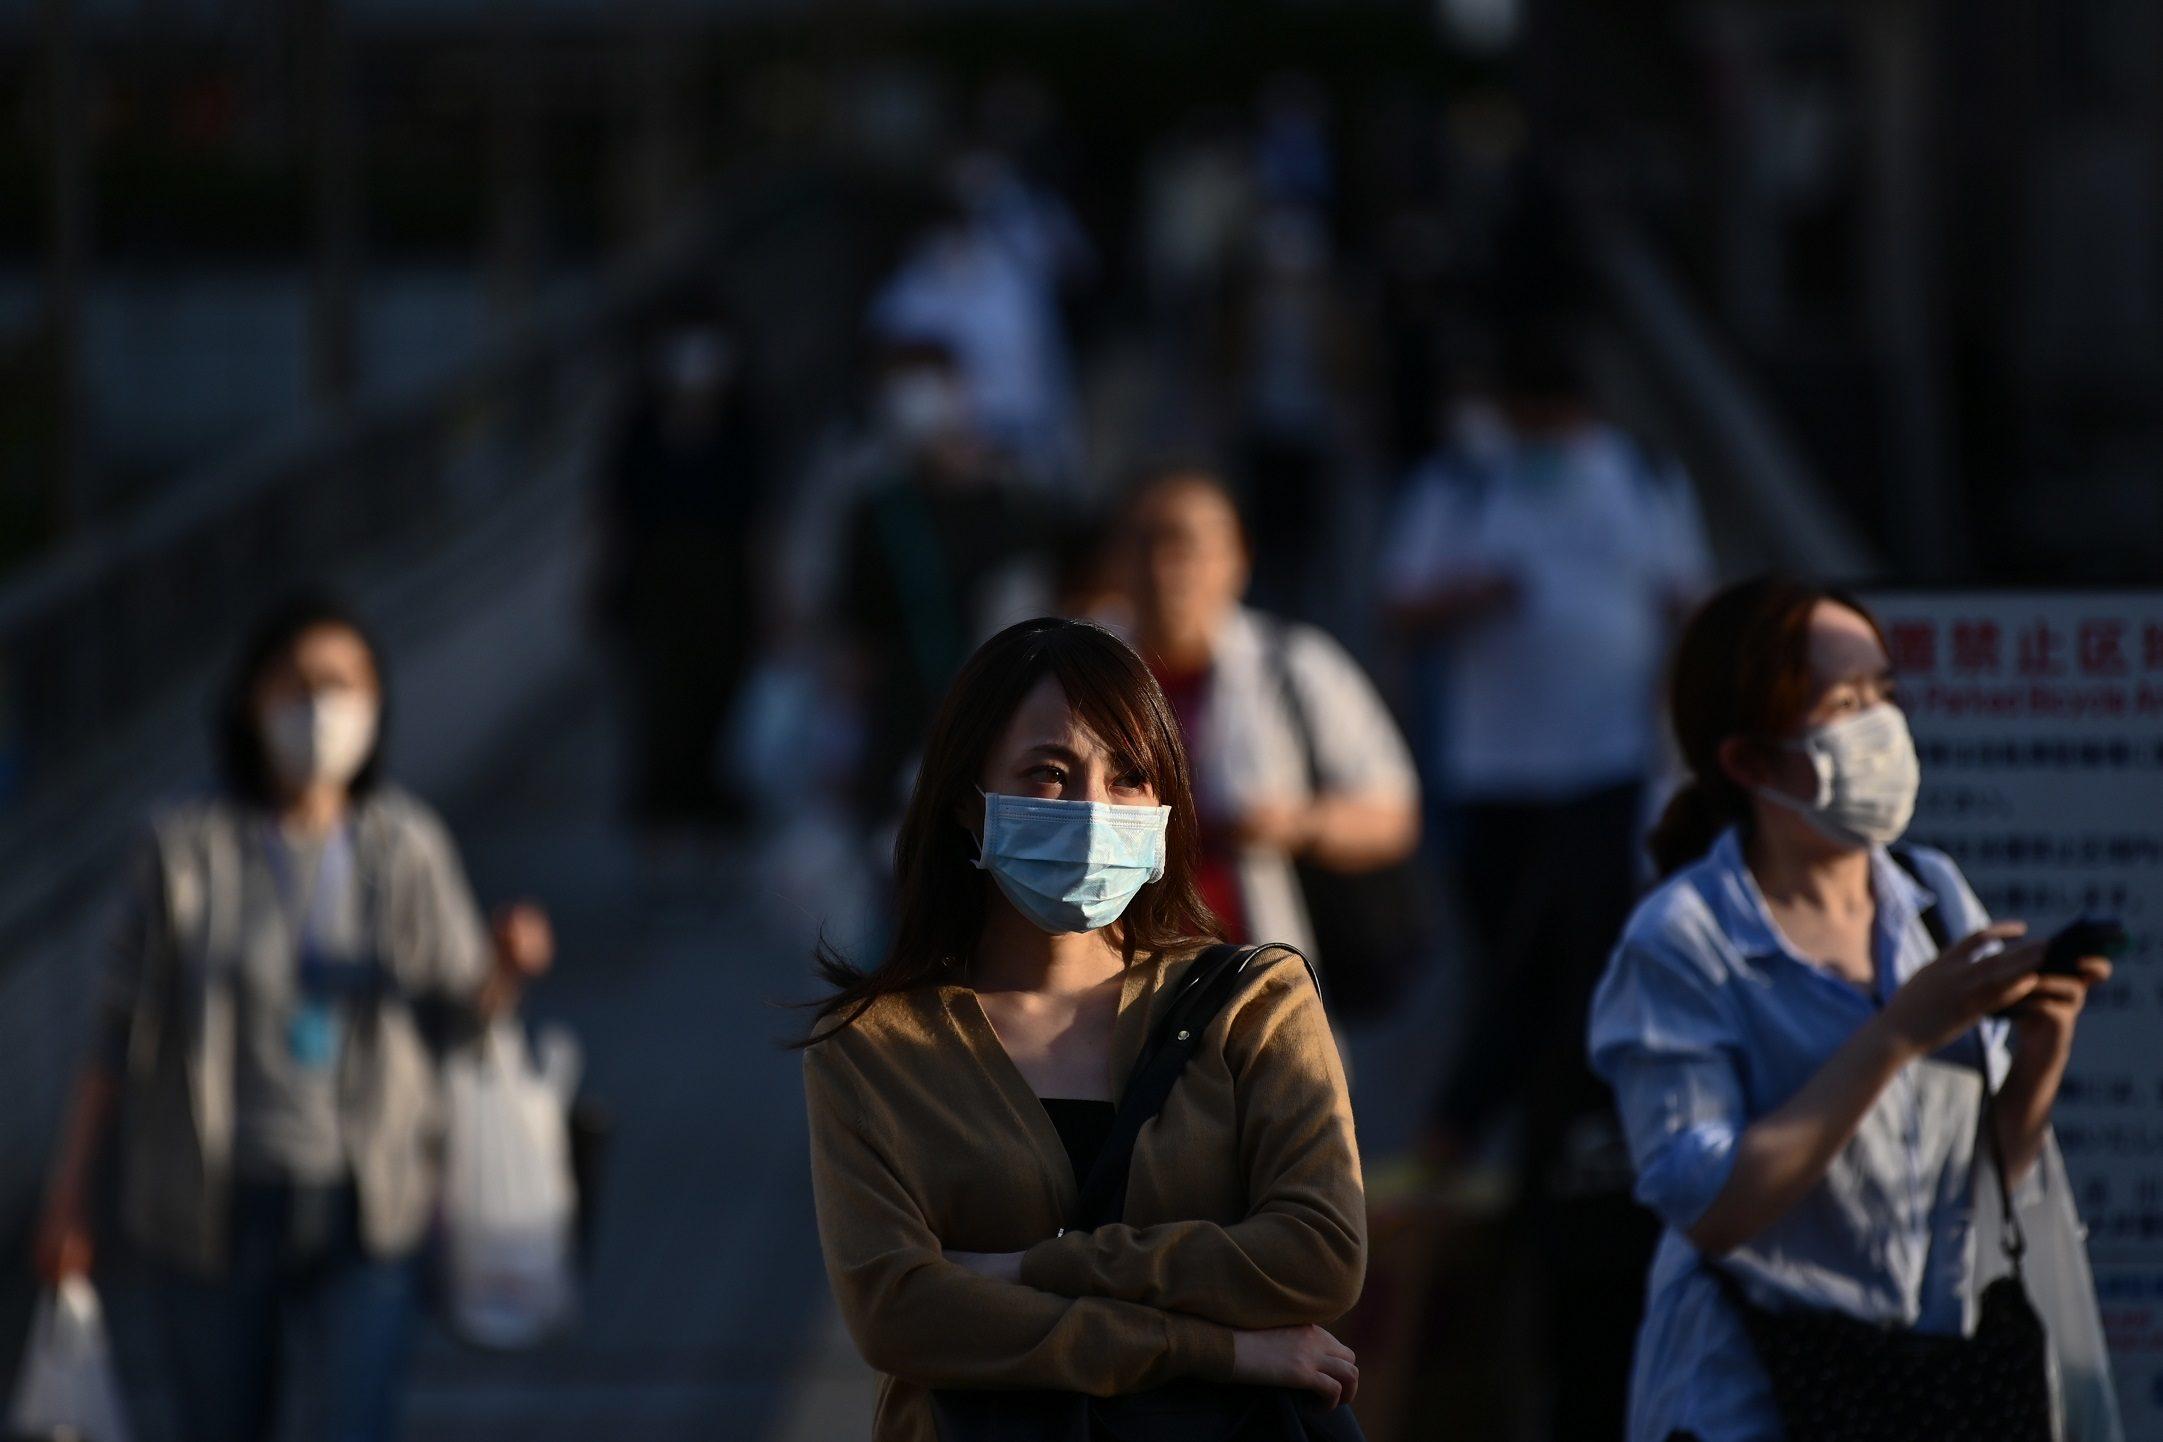 """ญี่ปุ่นยกเลิกภาวะฉุกเฉินคุมโควิดเกือบทั่วประเทศ ยกเว้น """"โตเกียว-โอซากา"""""""